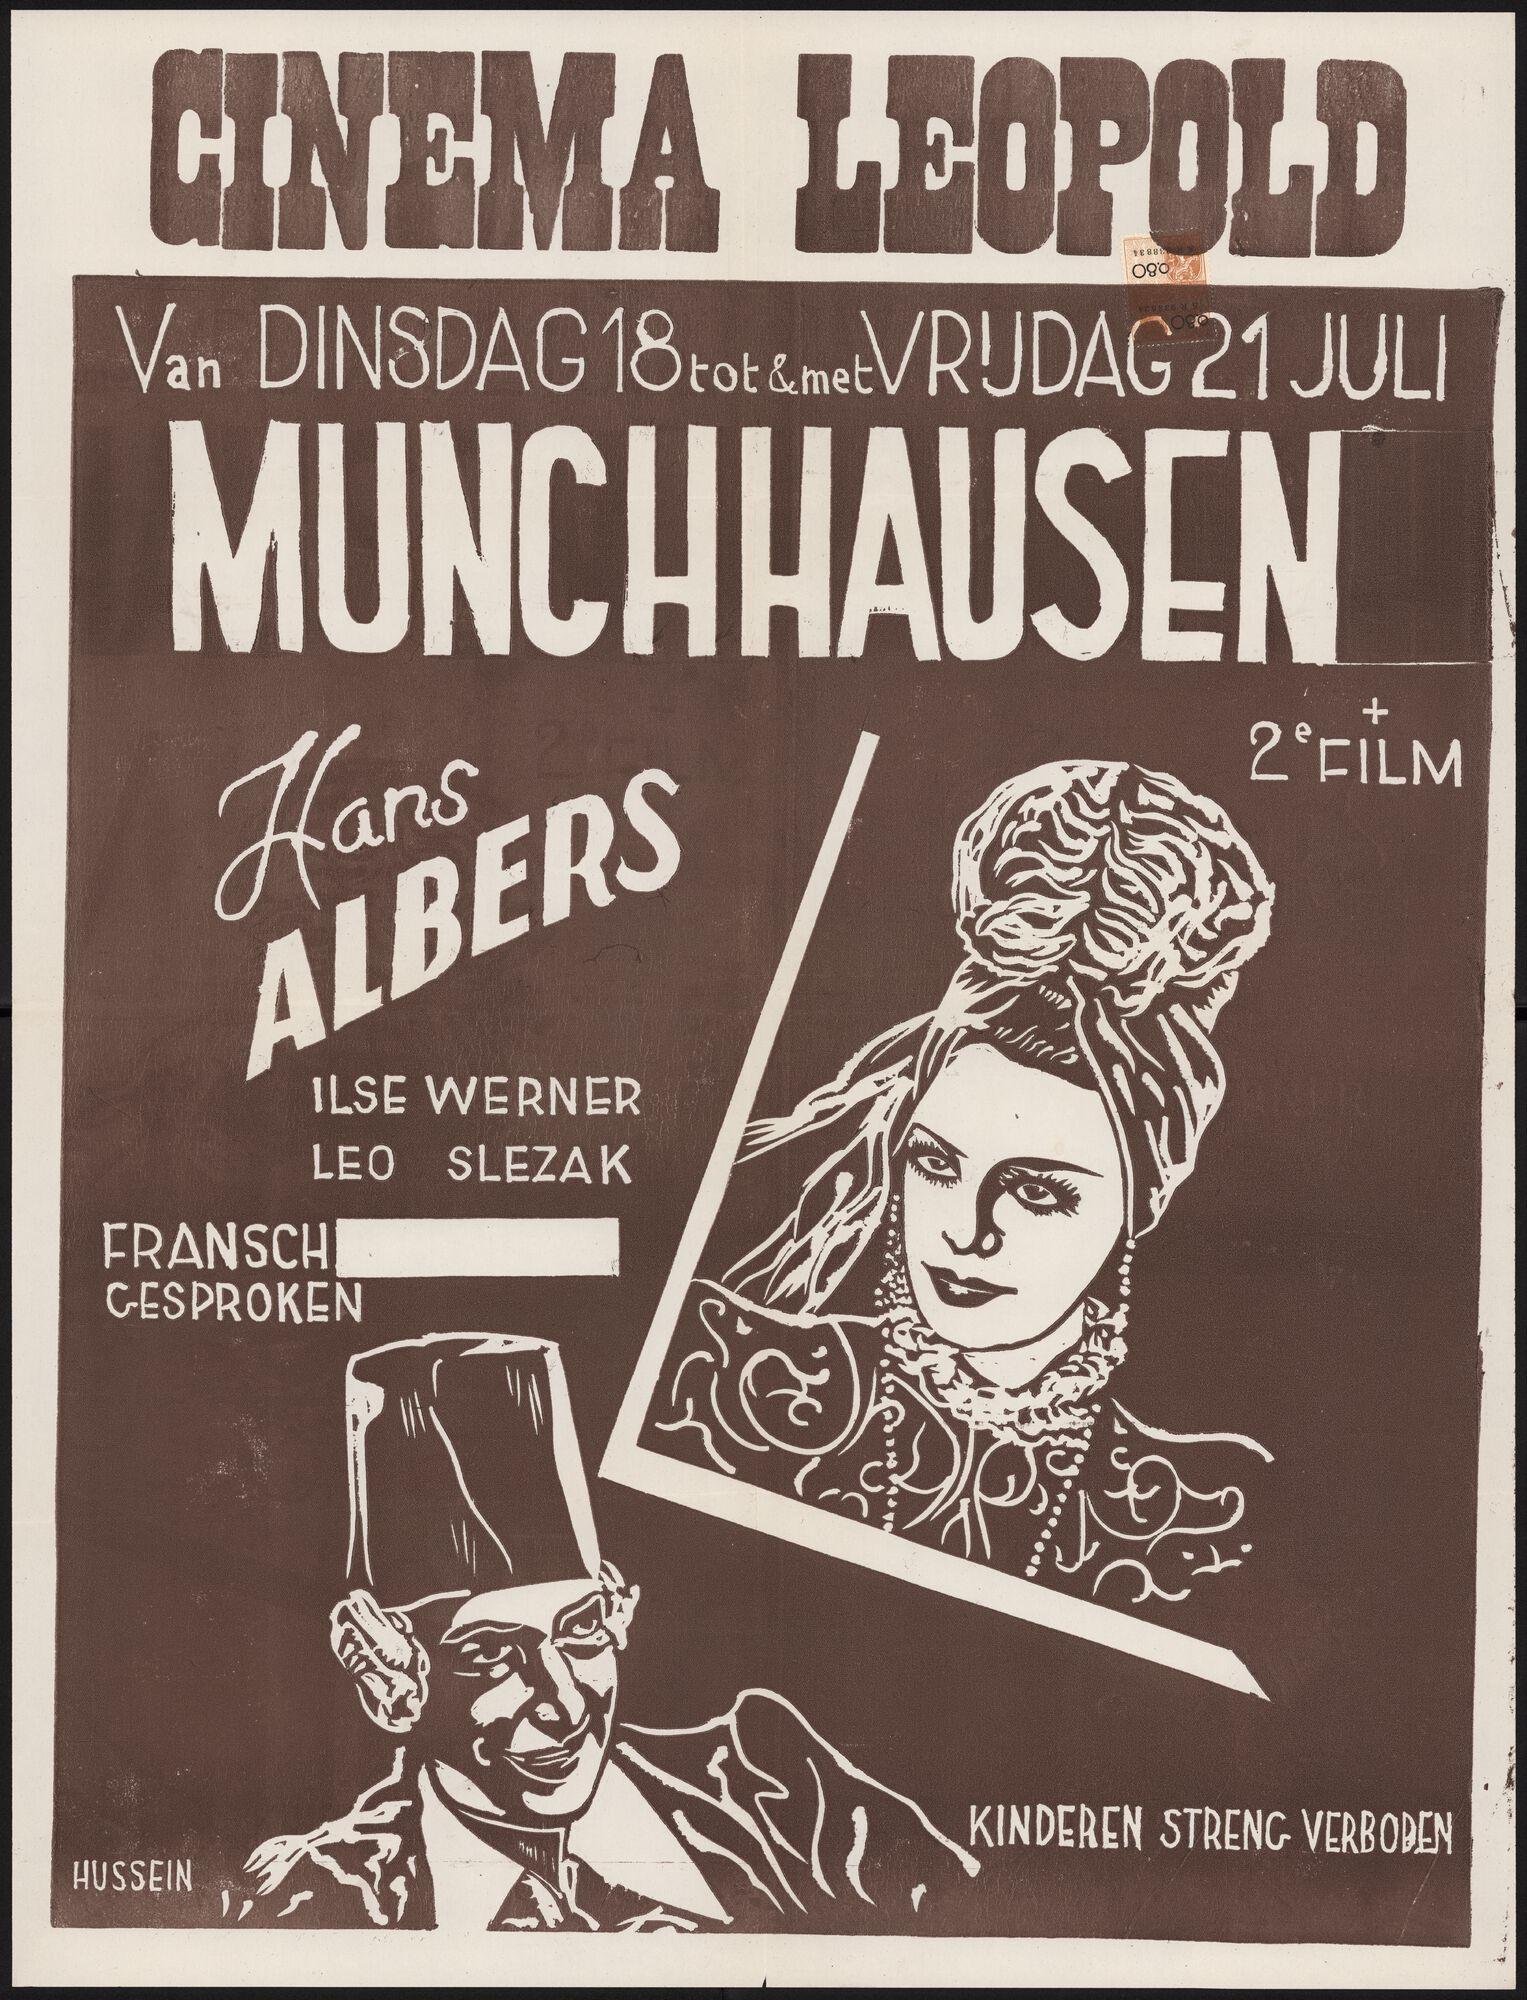 Münchhausen, Cinema Leopold, Gent, 18 - 21 juli